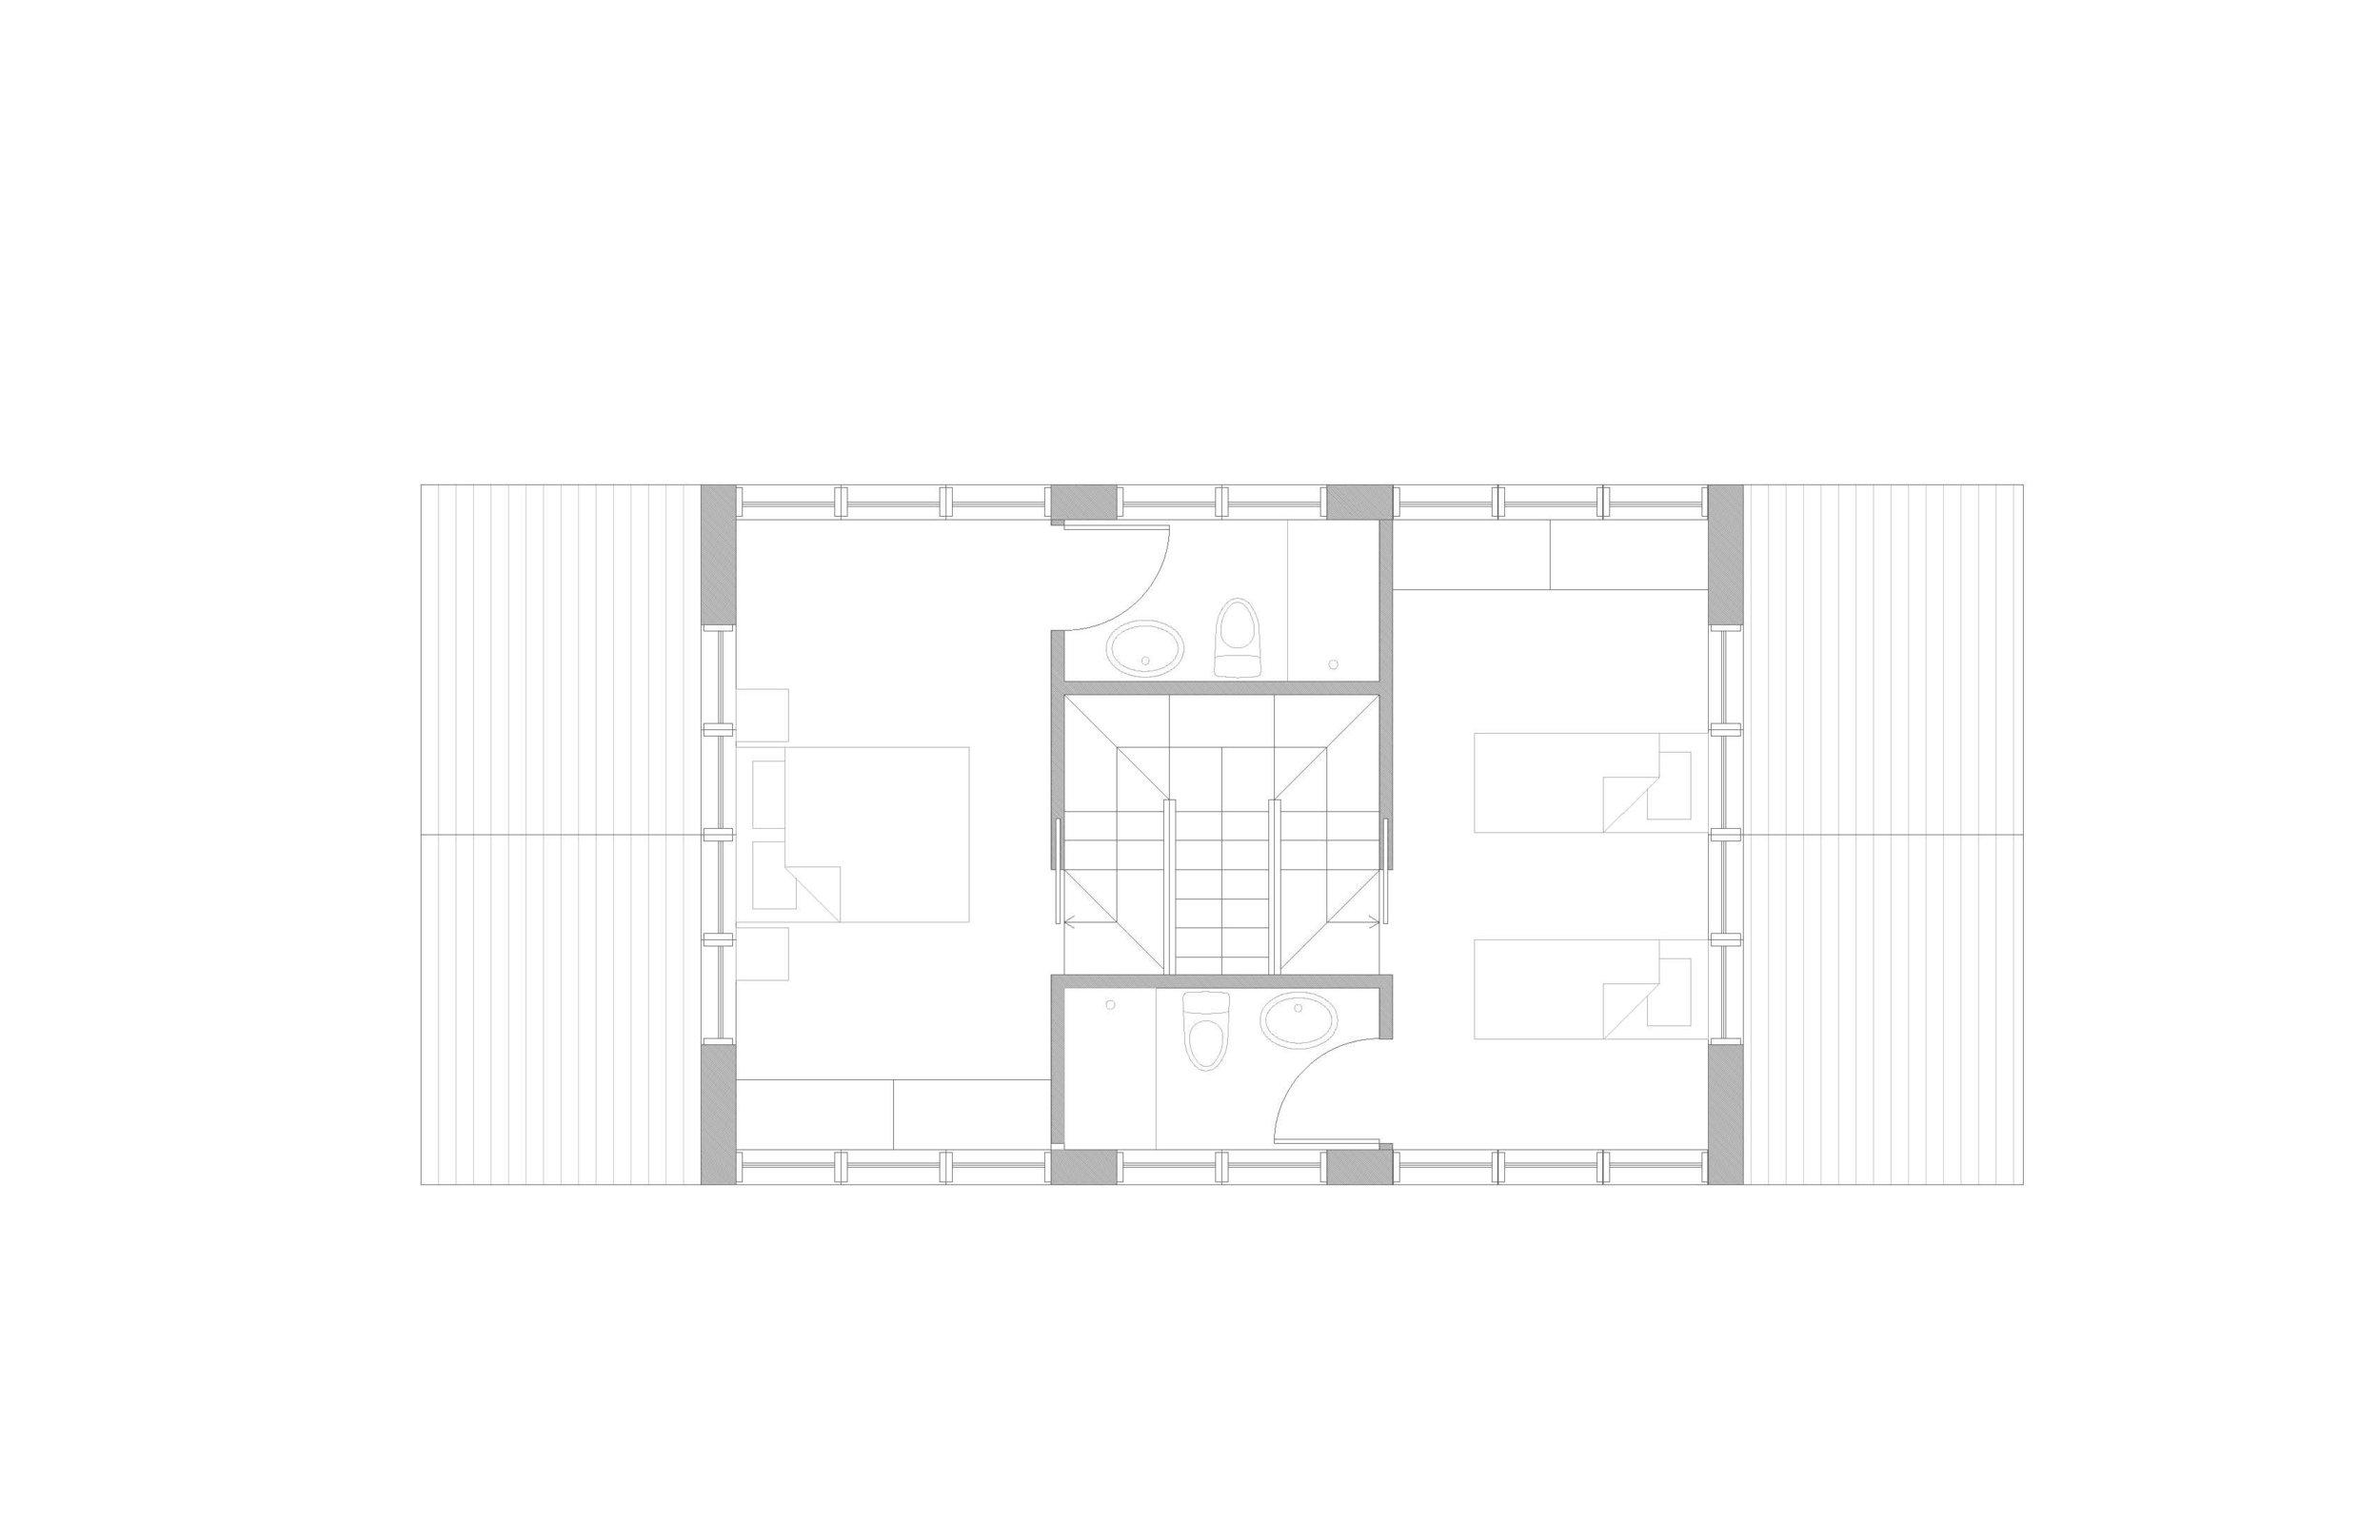 1000 SF DADU 5-FOR WEB.jpg